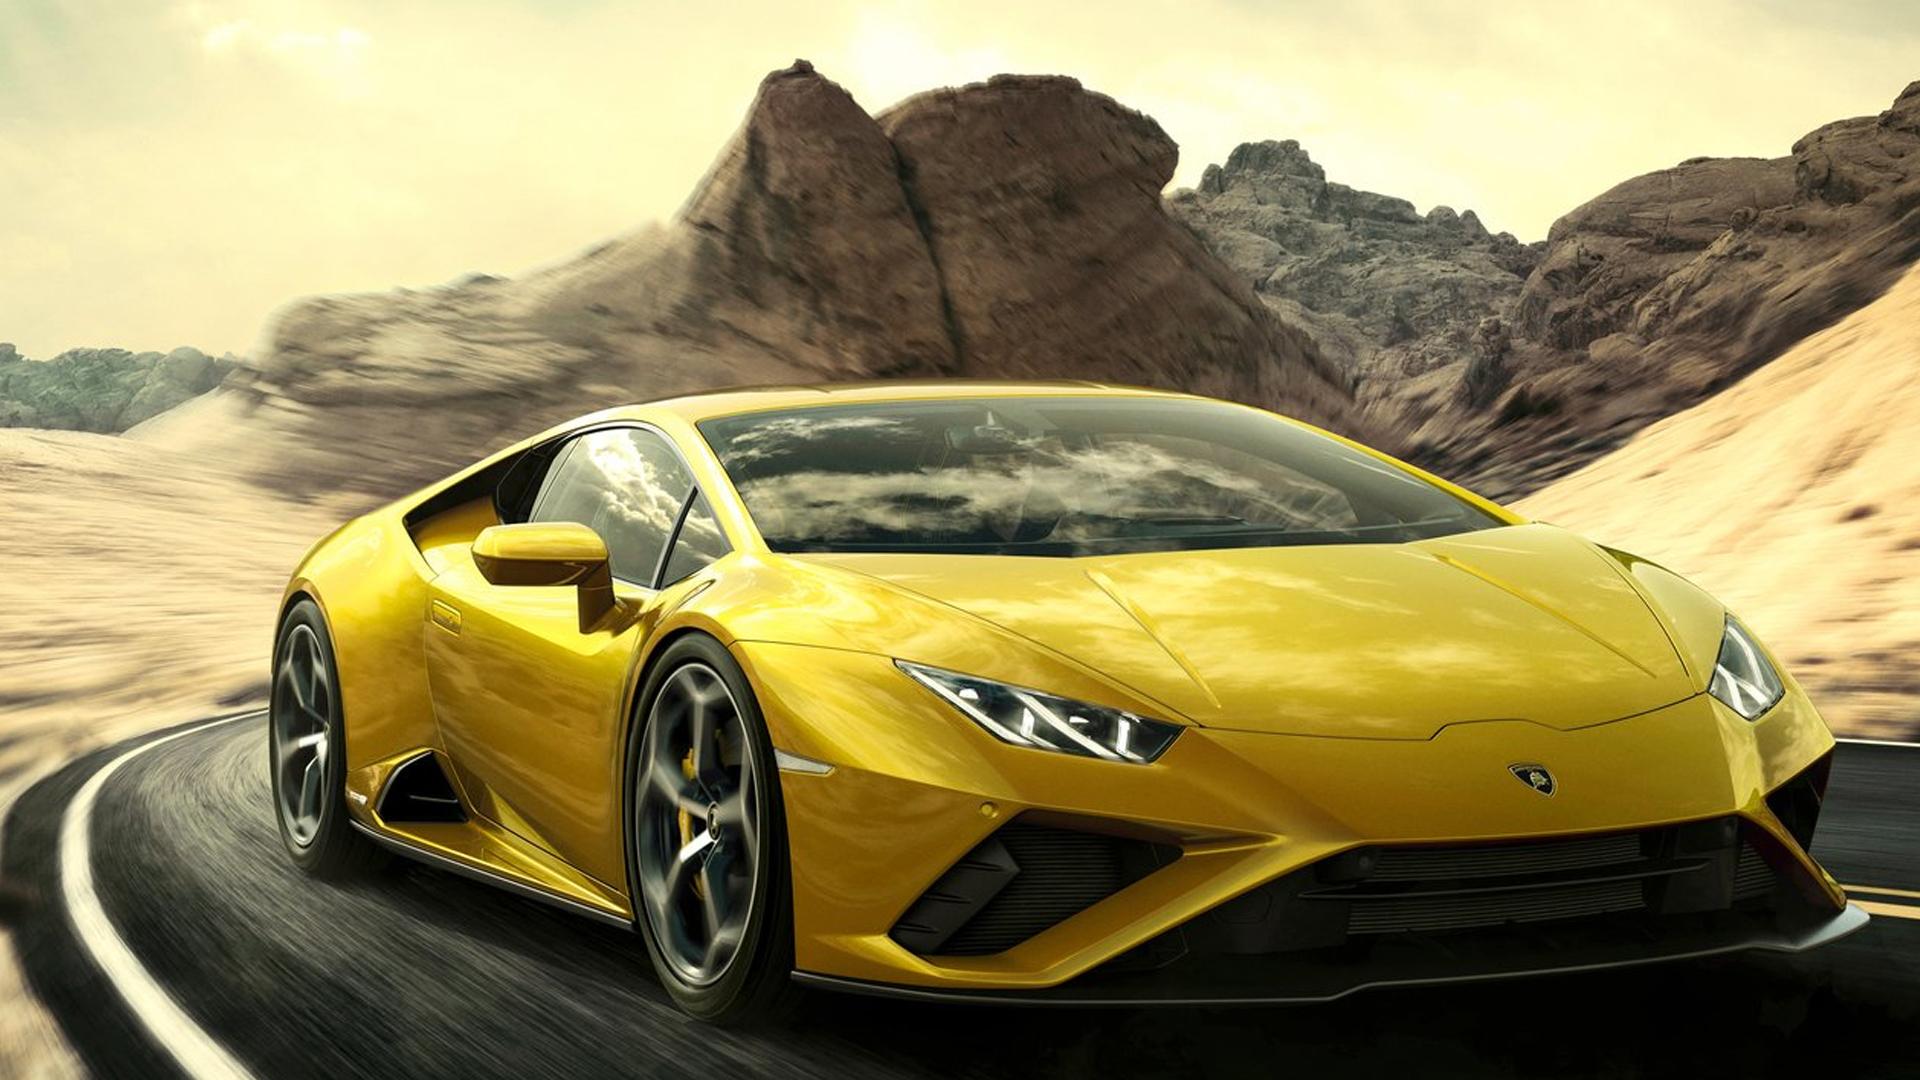 Lamborghini Huracan 2020 EVO RWD